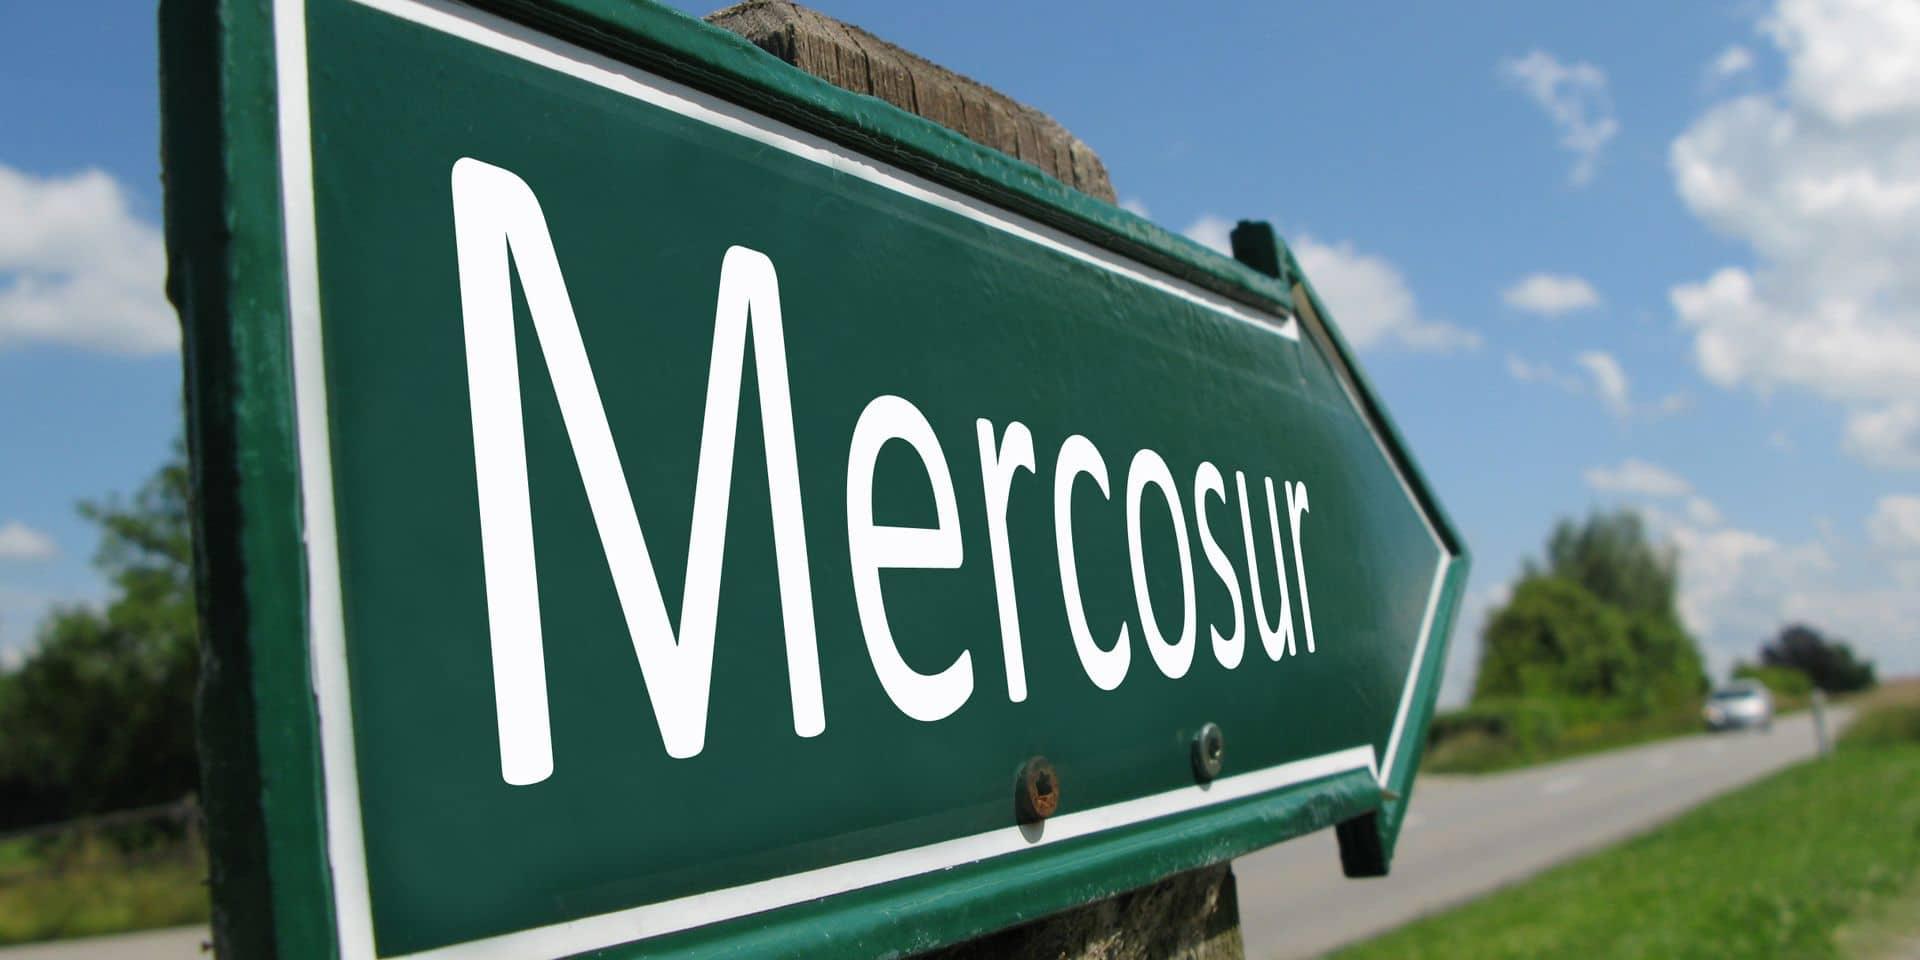 Accord de libre-échange avec le Mercosur : pourquoi suscite-t-il autant d'opposition ?